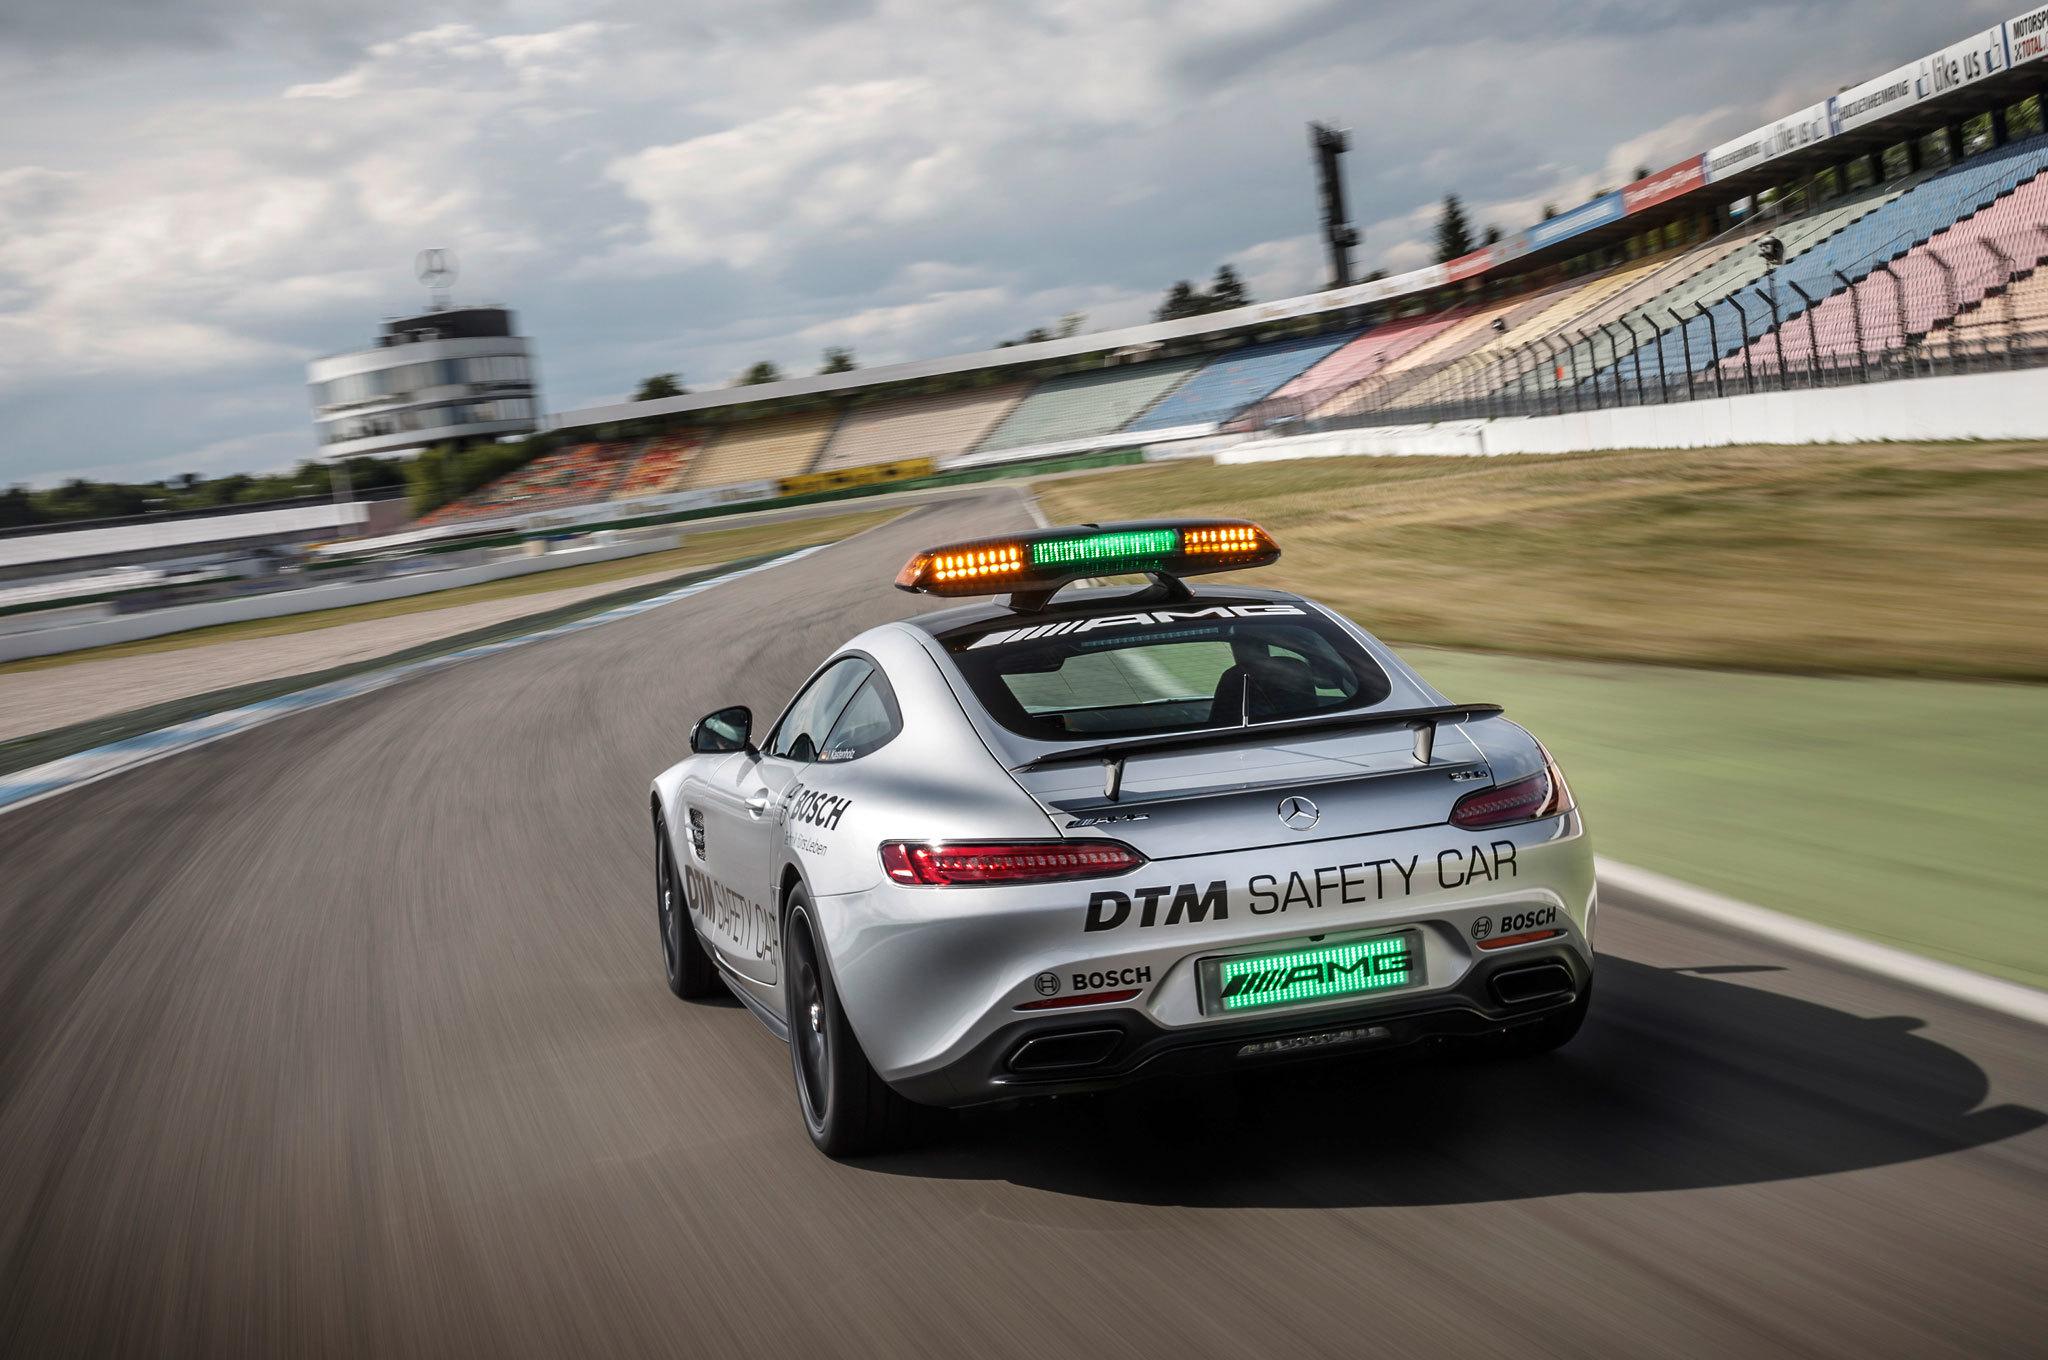 서킷의 포장면. 위아래 경사뿐 아니라 좌우 기울기가 얽힌 3차원의 공간이다. 사진 : Mercedes AMG DTM 홈페이지